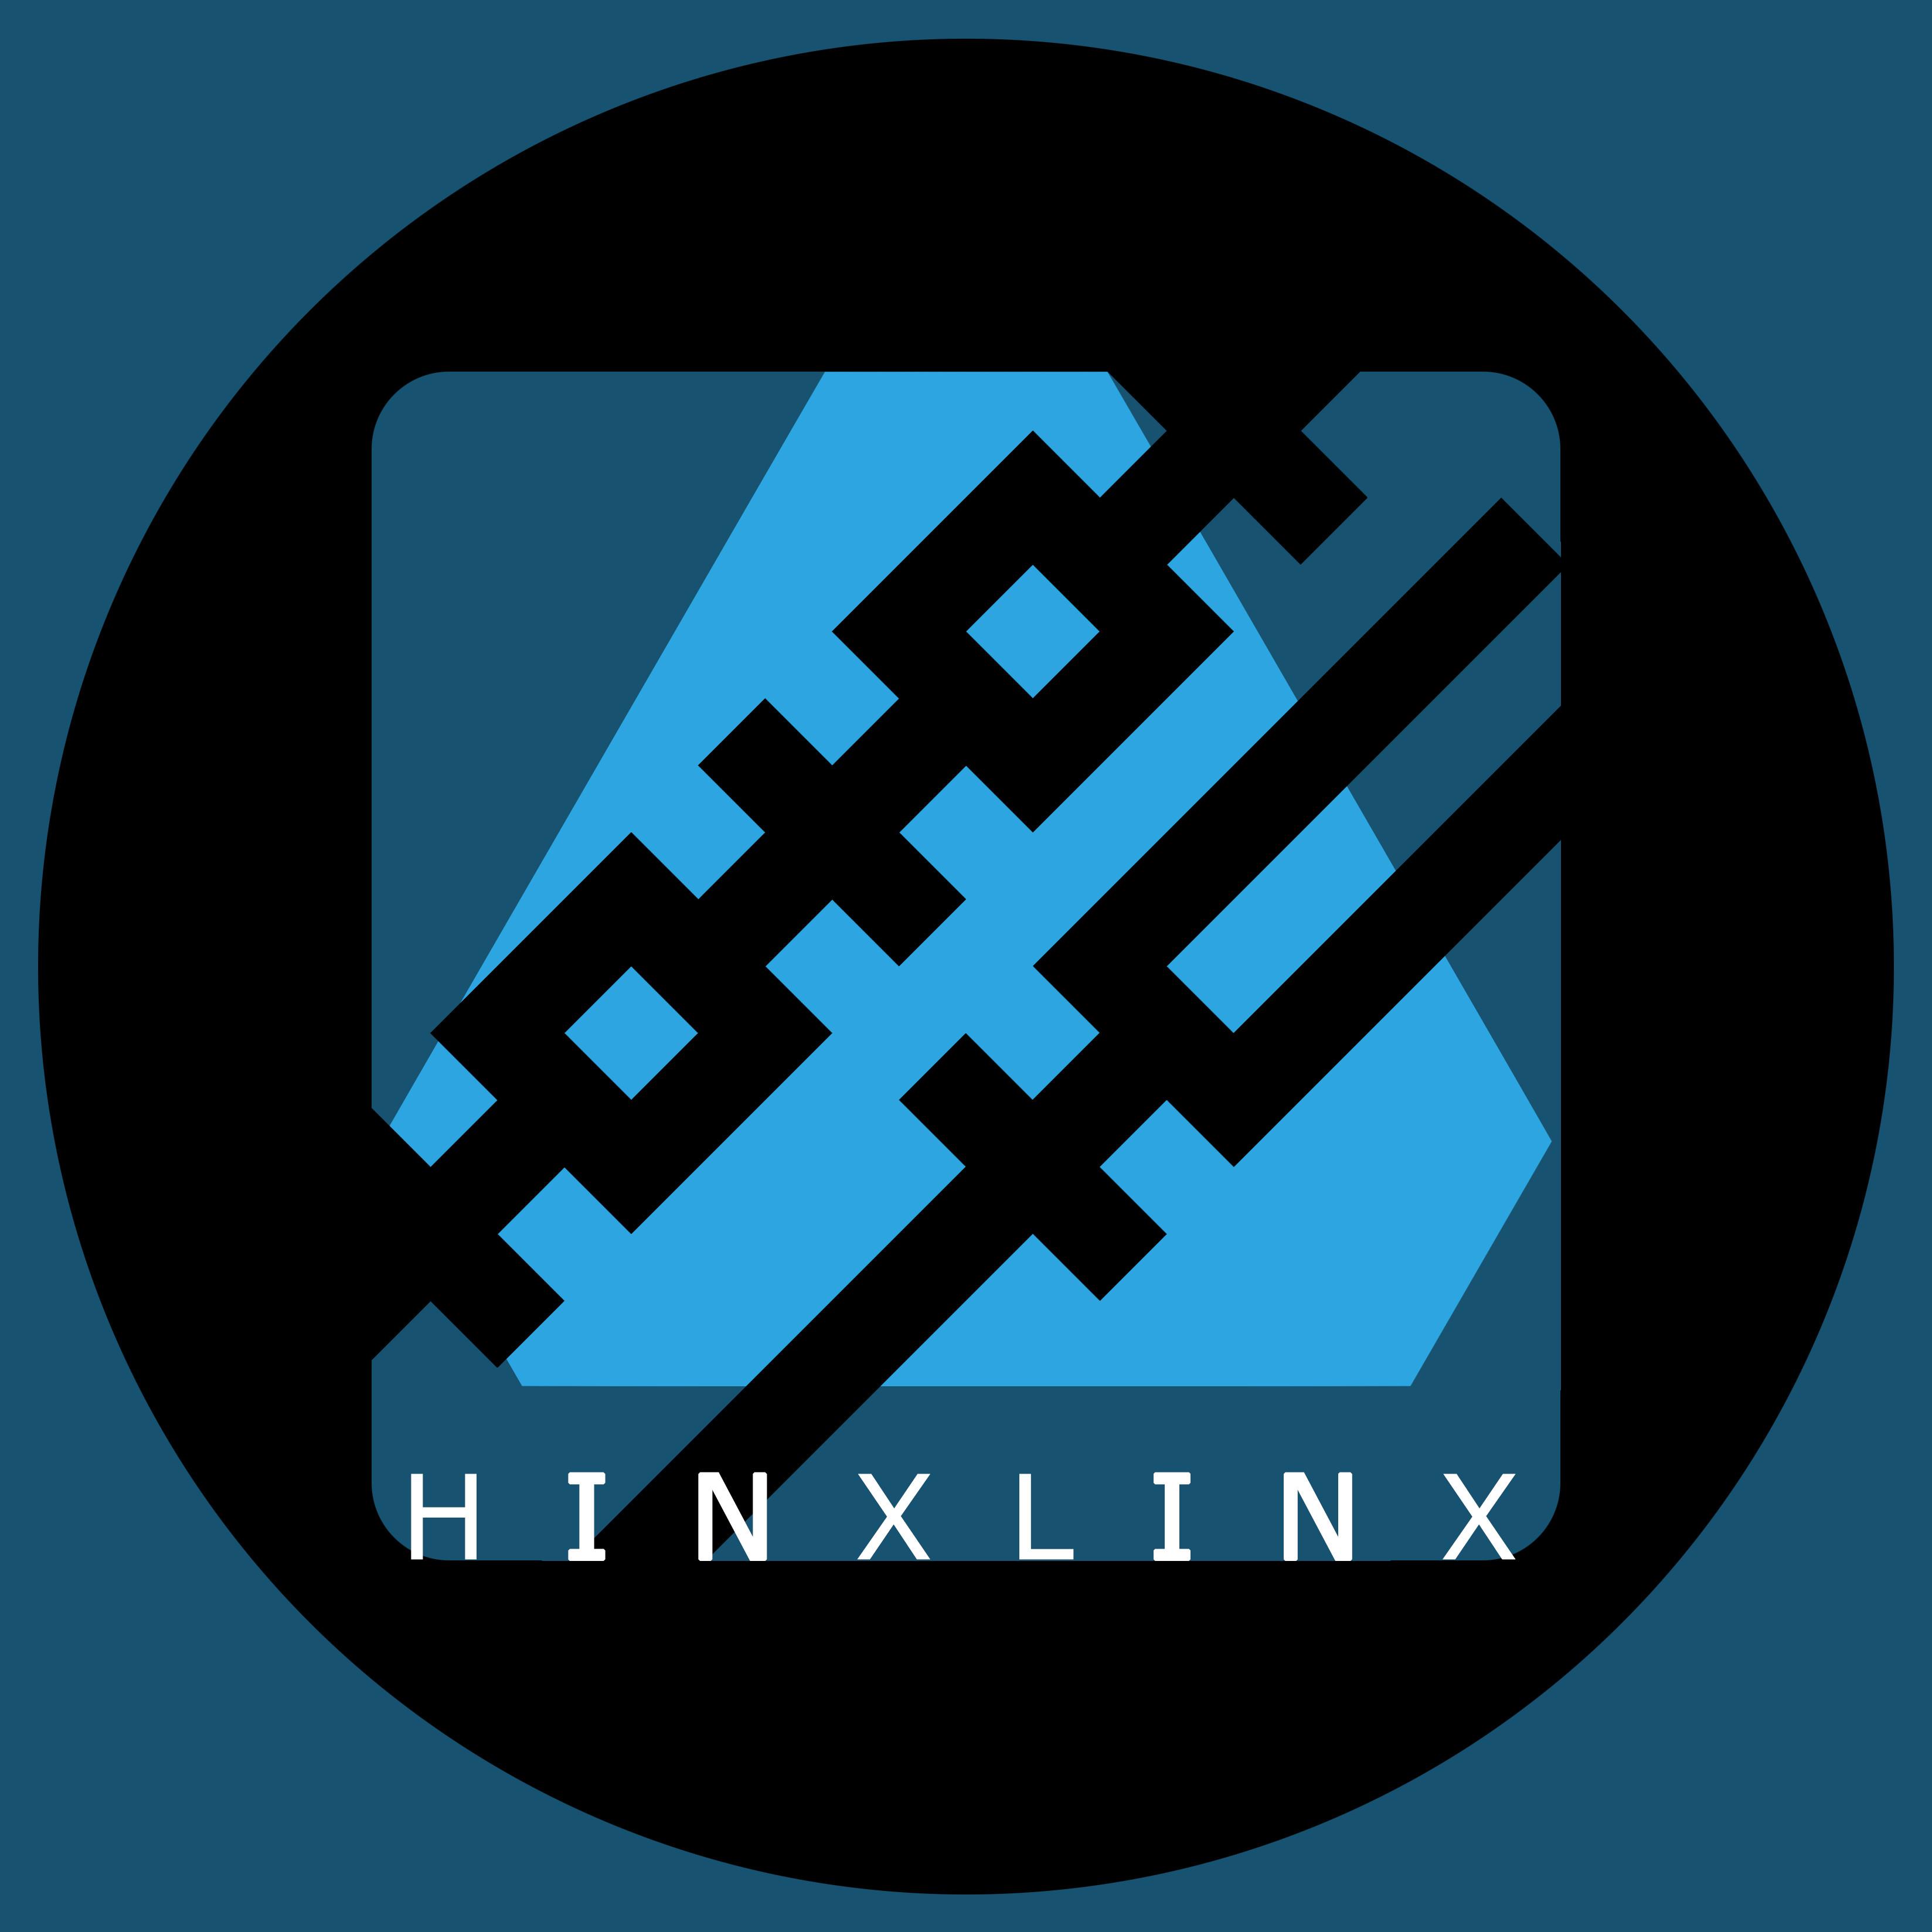 hinxlinx ArtStation Avatar 2019 III